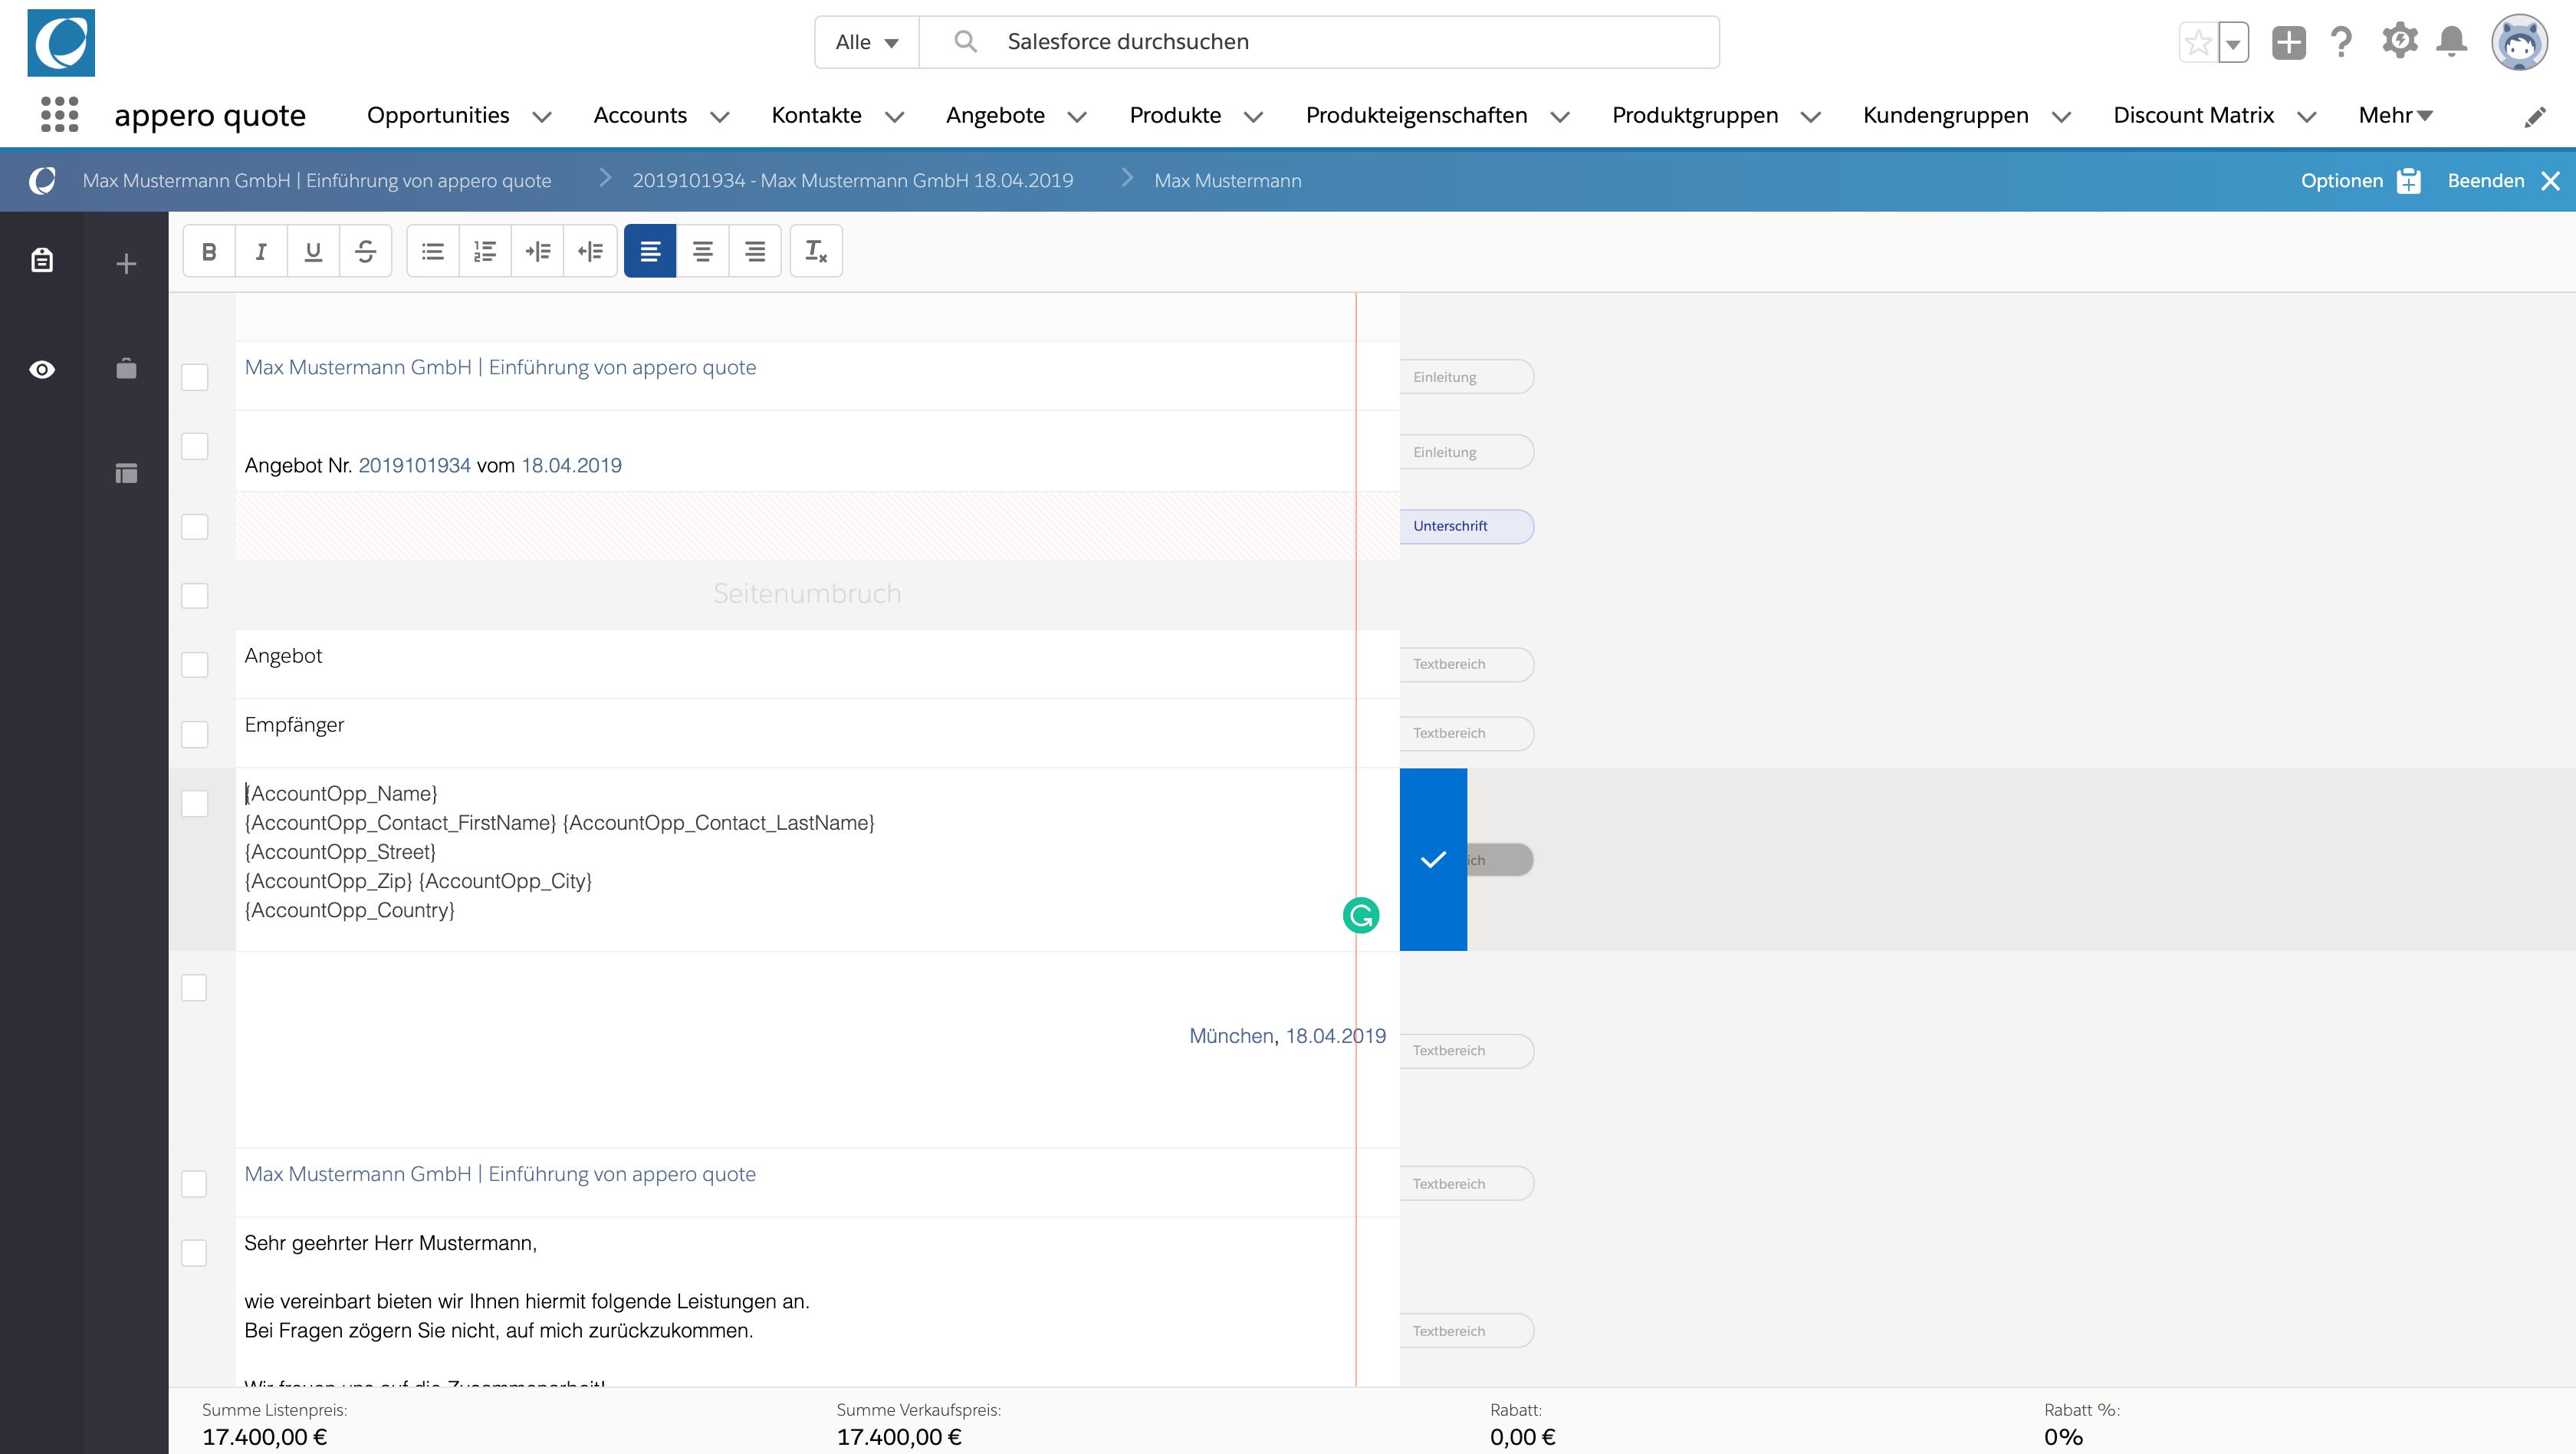 Feldwerte aus Salesforce referenzieren